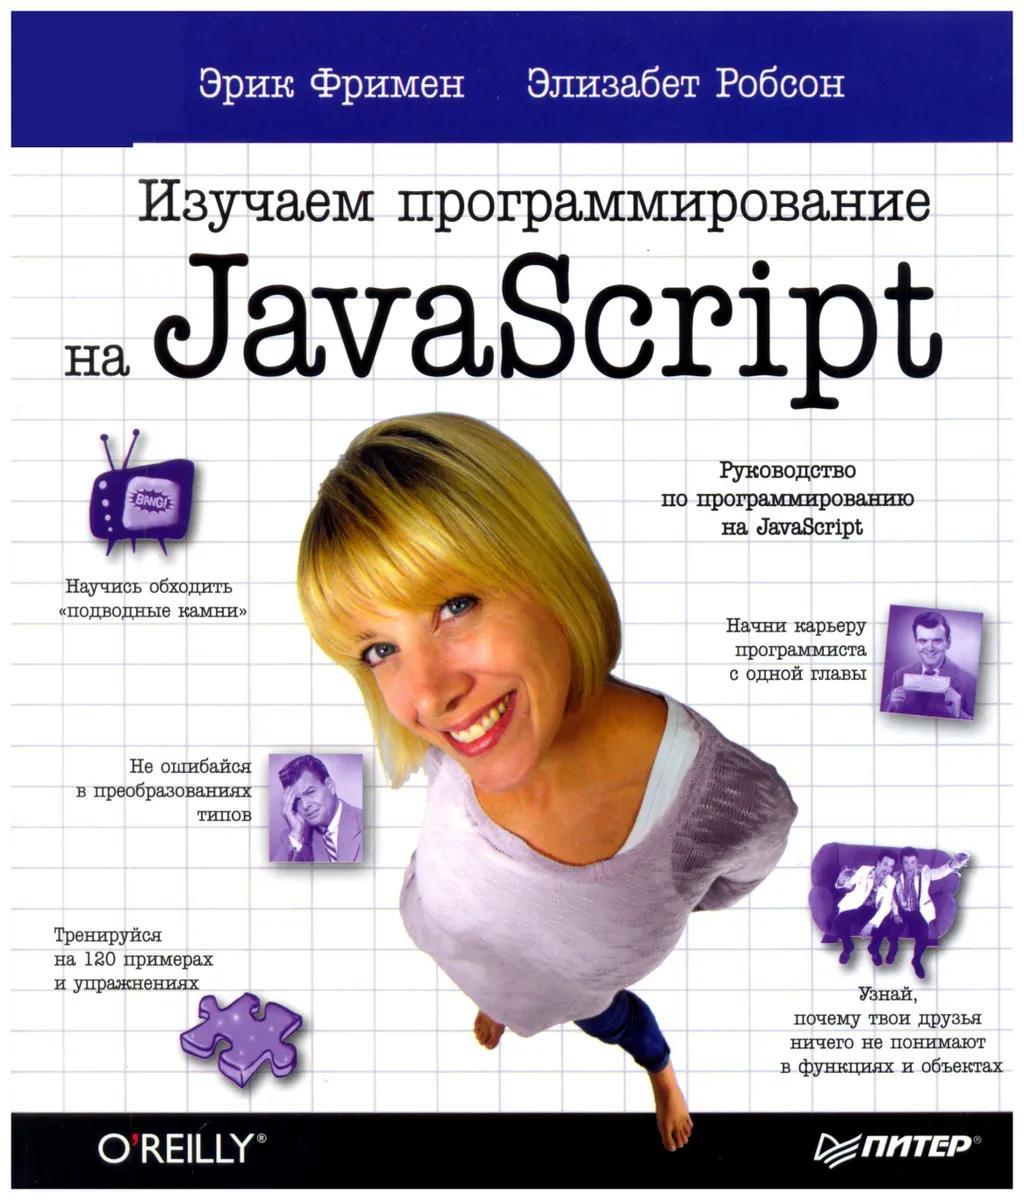 Книга изучаем программирование на JavaScript Фримена